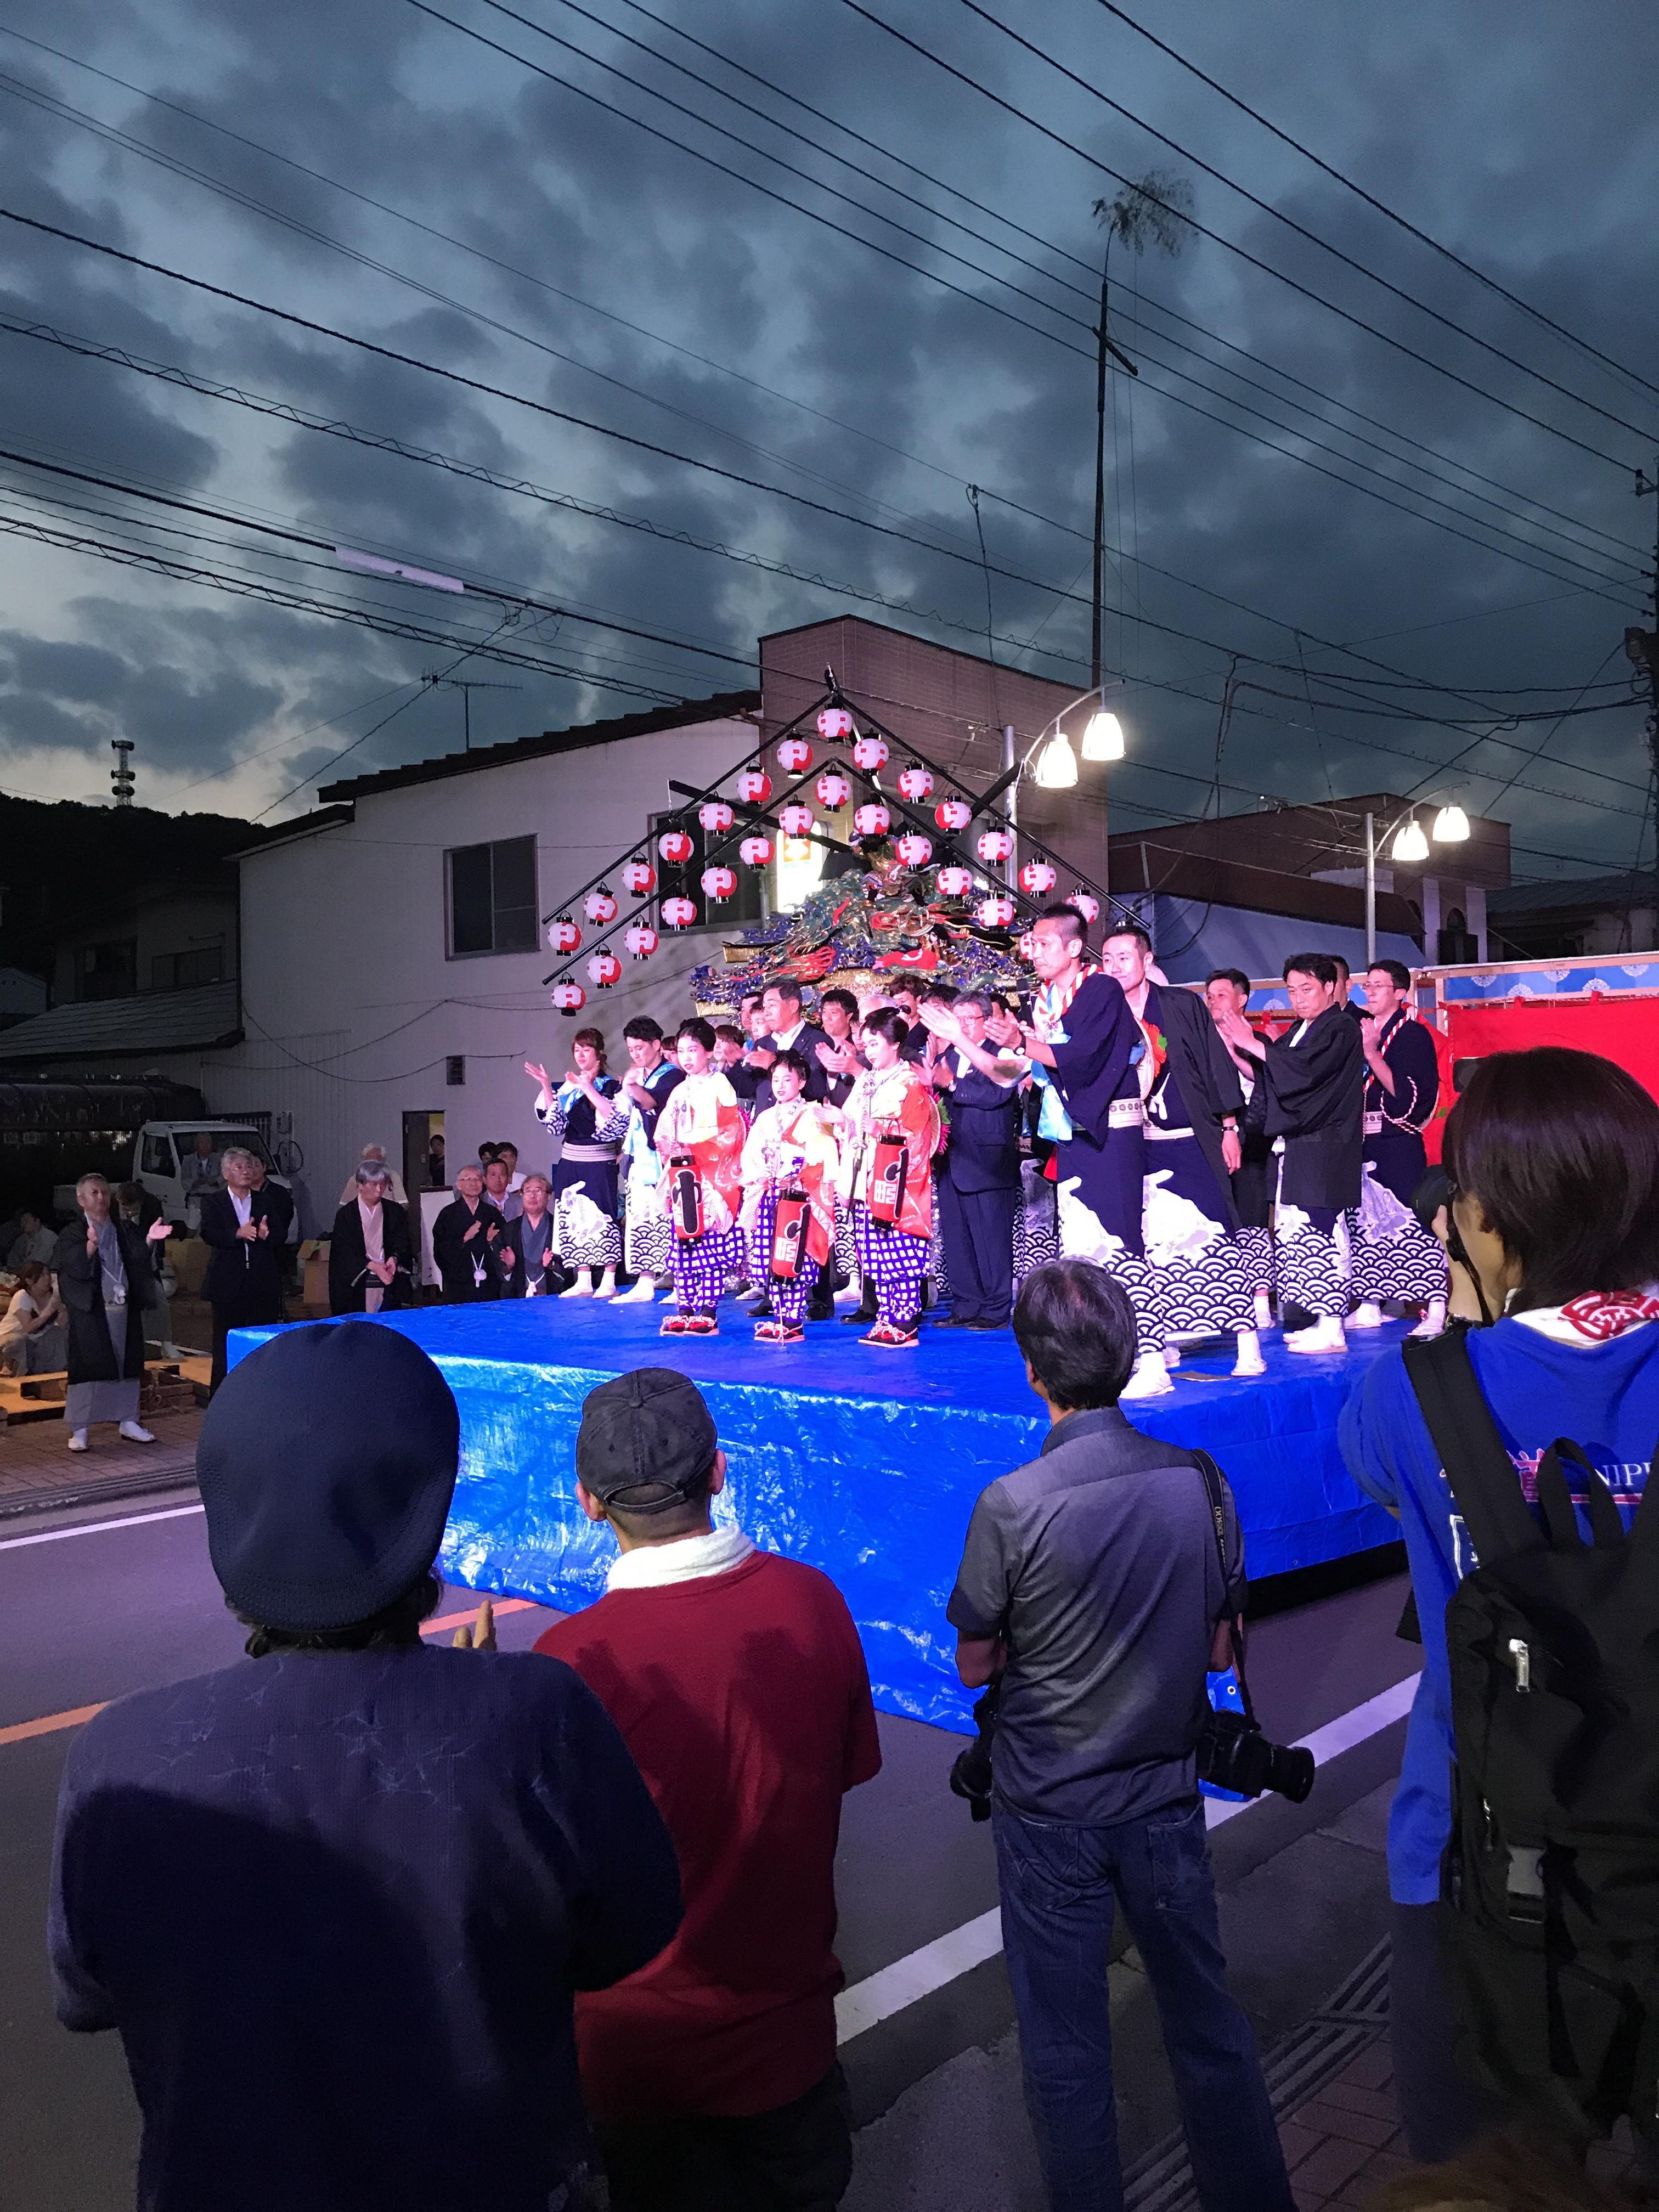 2017年 山あげ祭 仲町 傘揃